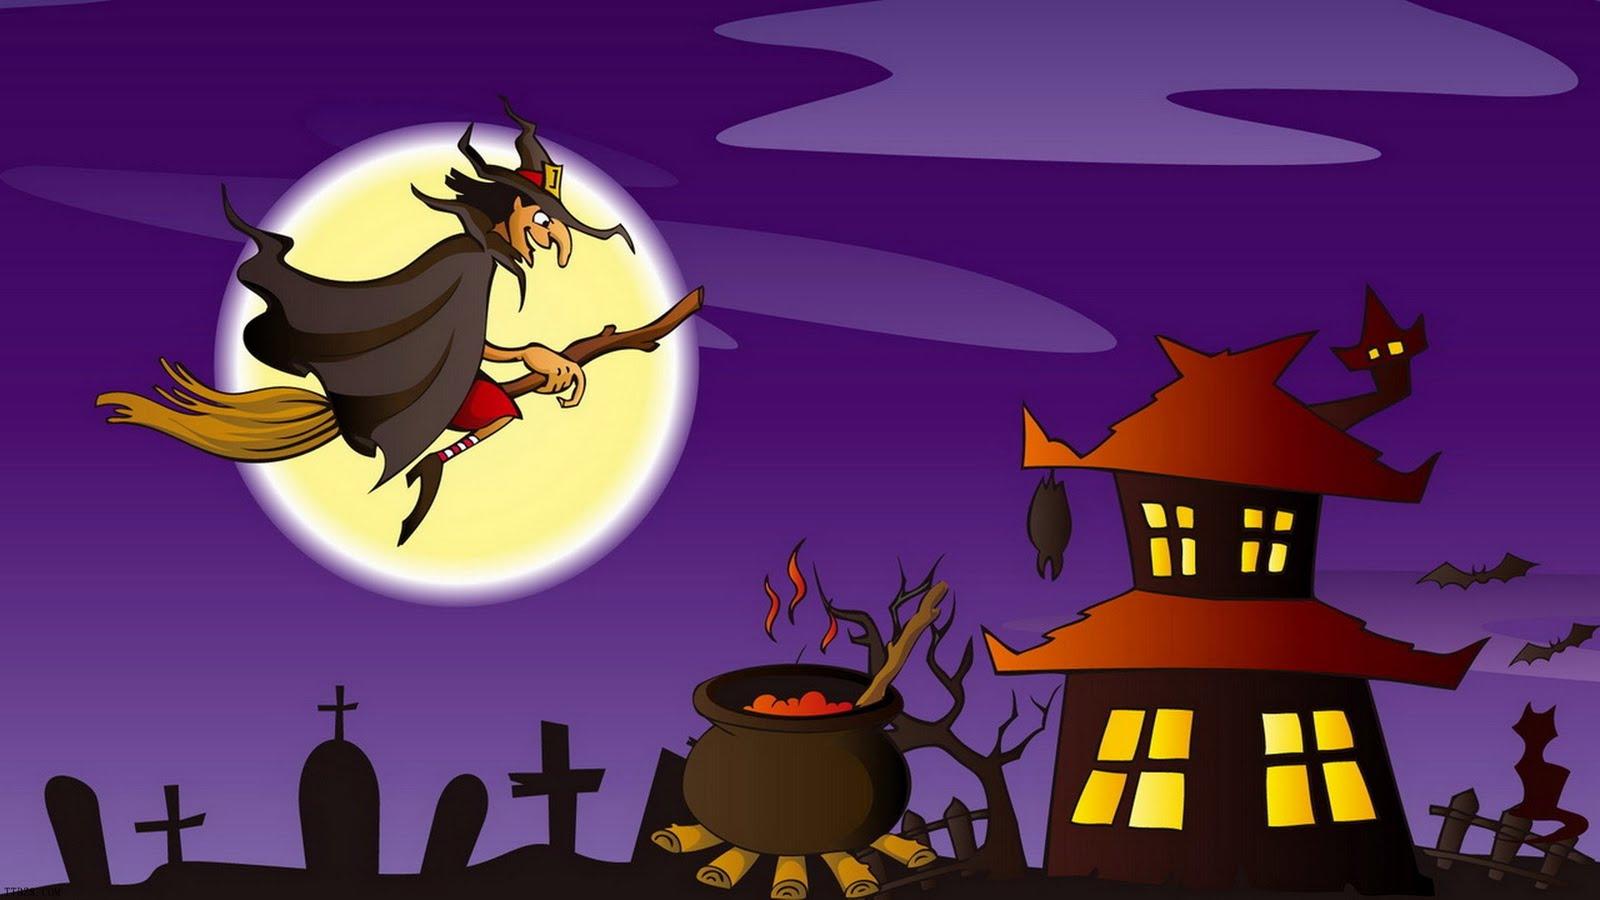 http://1.bp.blogspot.com/__YeDQ-gcGqU/TMkrp4-GEdI/AAAAAAAAAr4/7CYPS5oGjlQ/s1600/1284874274_1920x1080_the-witch-castle.jpg